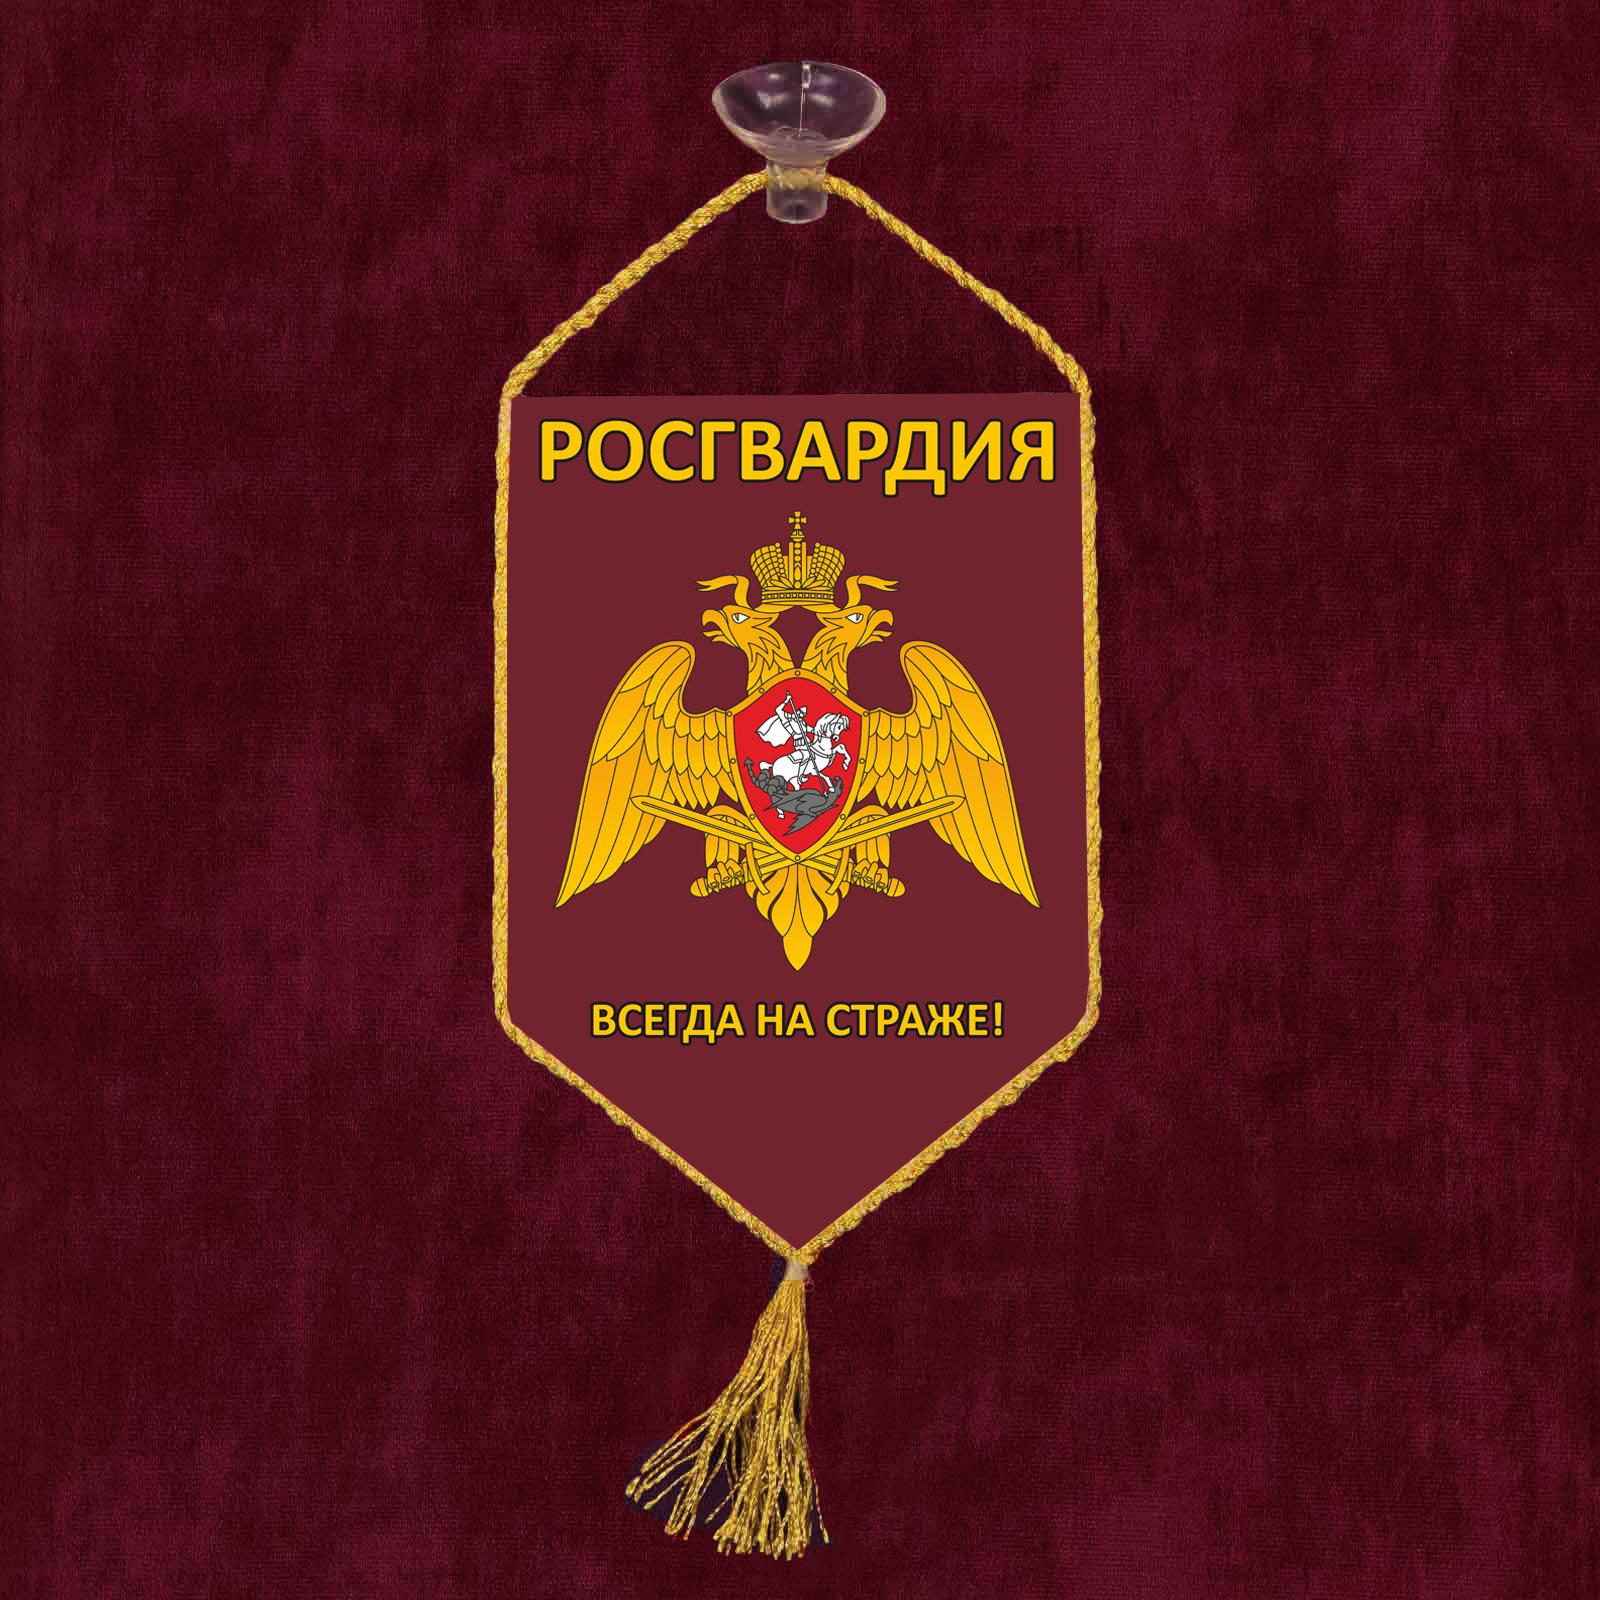 """Автомобильный вымпел """"Росгвардия"""" с девизом"""